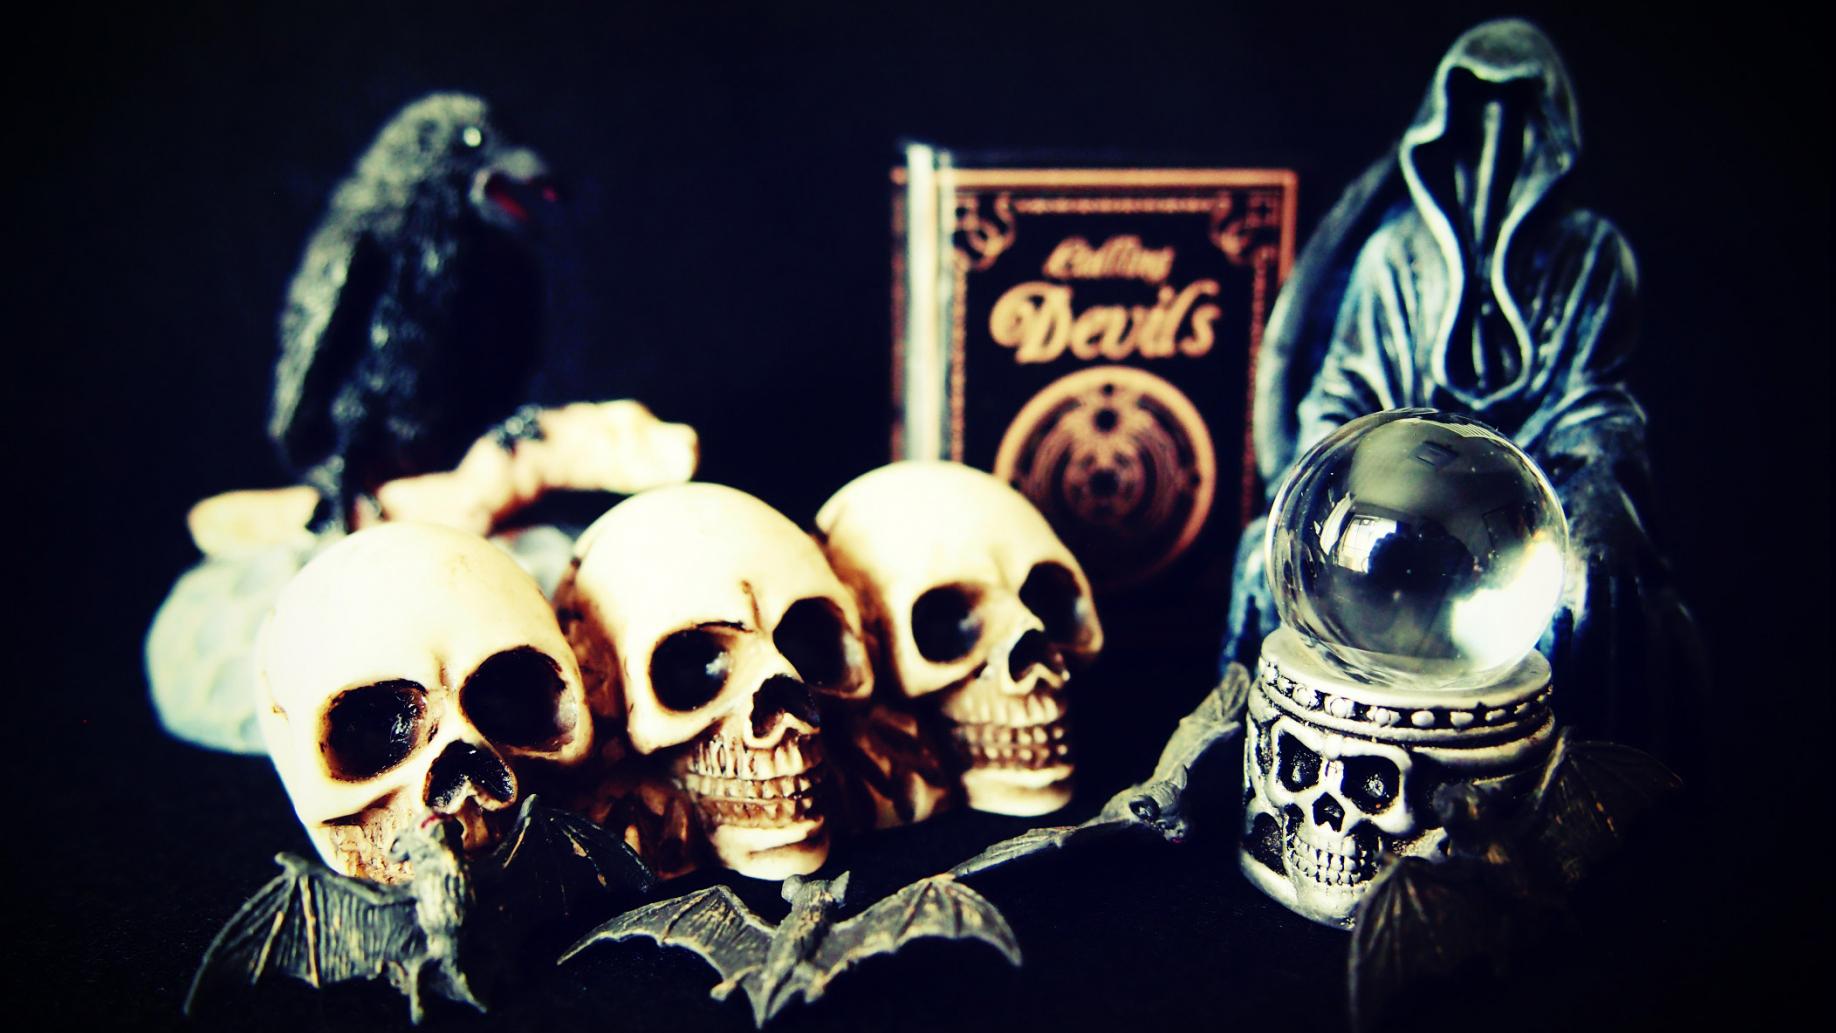 悪魔を崇拝し乱交をしまくった秘密結社【地獄の火クラブ】